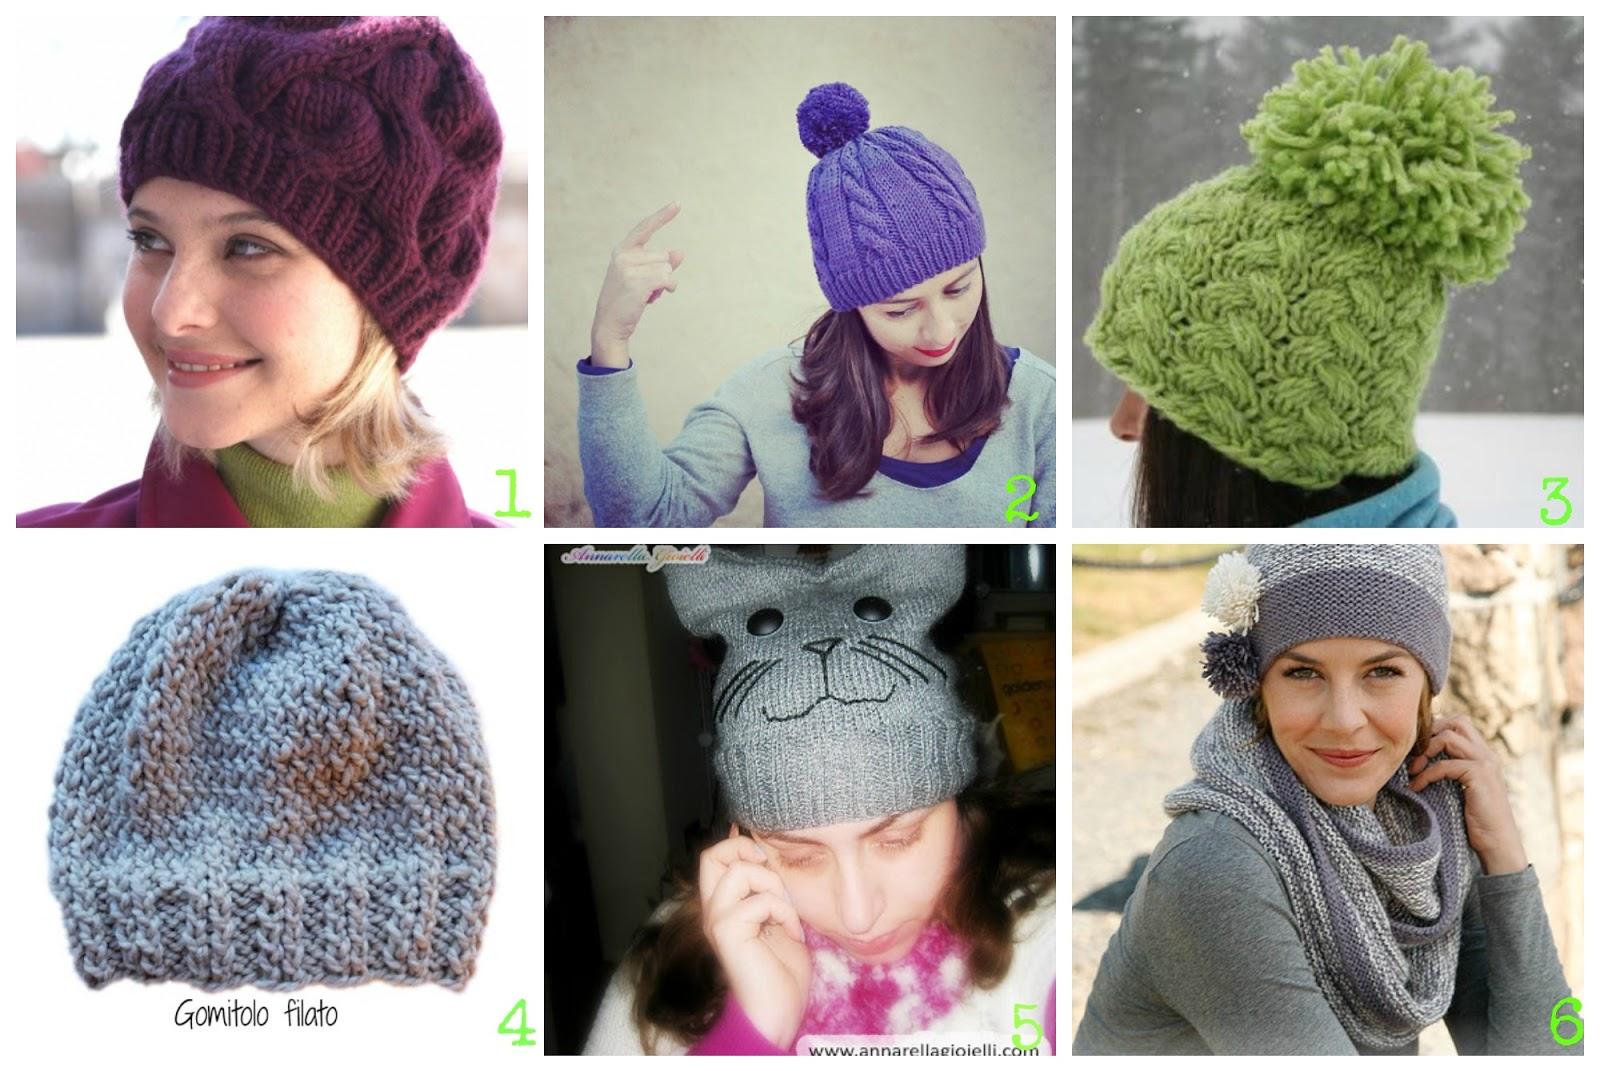 stile attraente top design più economico 6 cappelli fai da te maglia ai ferri. Tutorial gratis in ...